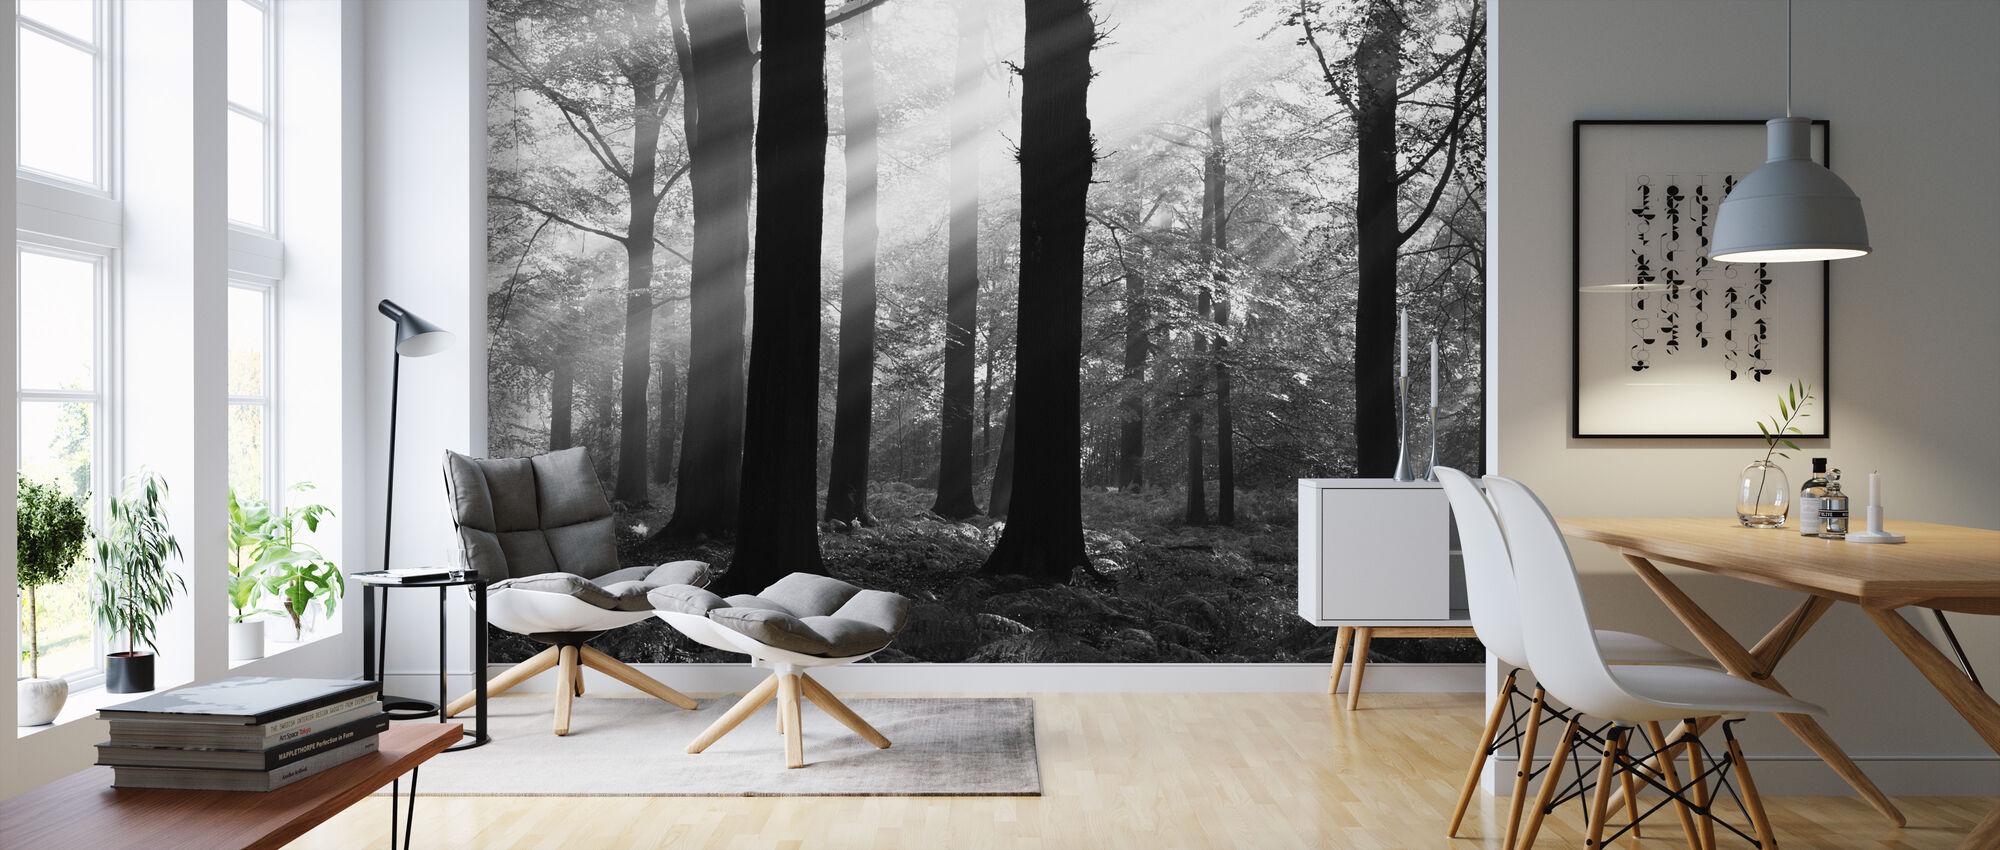 Morning Sunshine - b/w - Wallpaper - Living Room